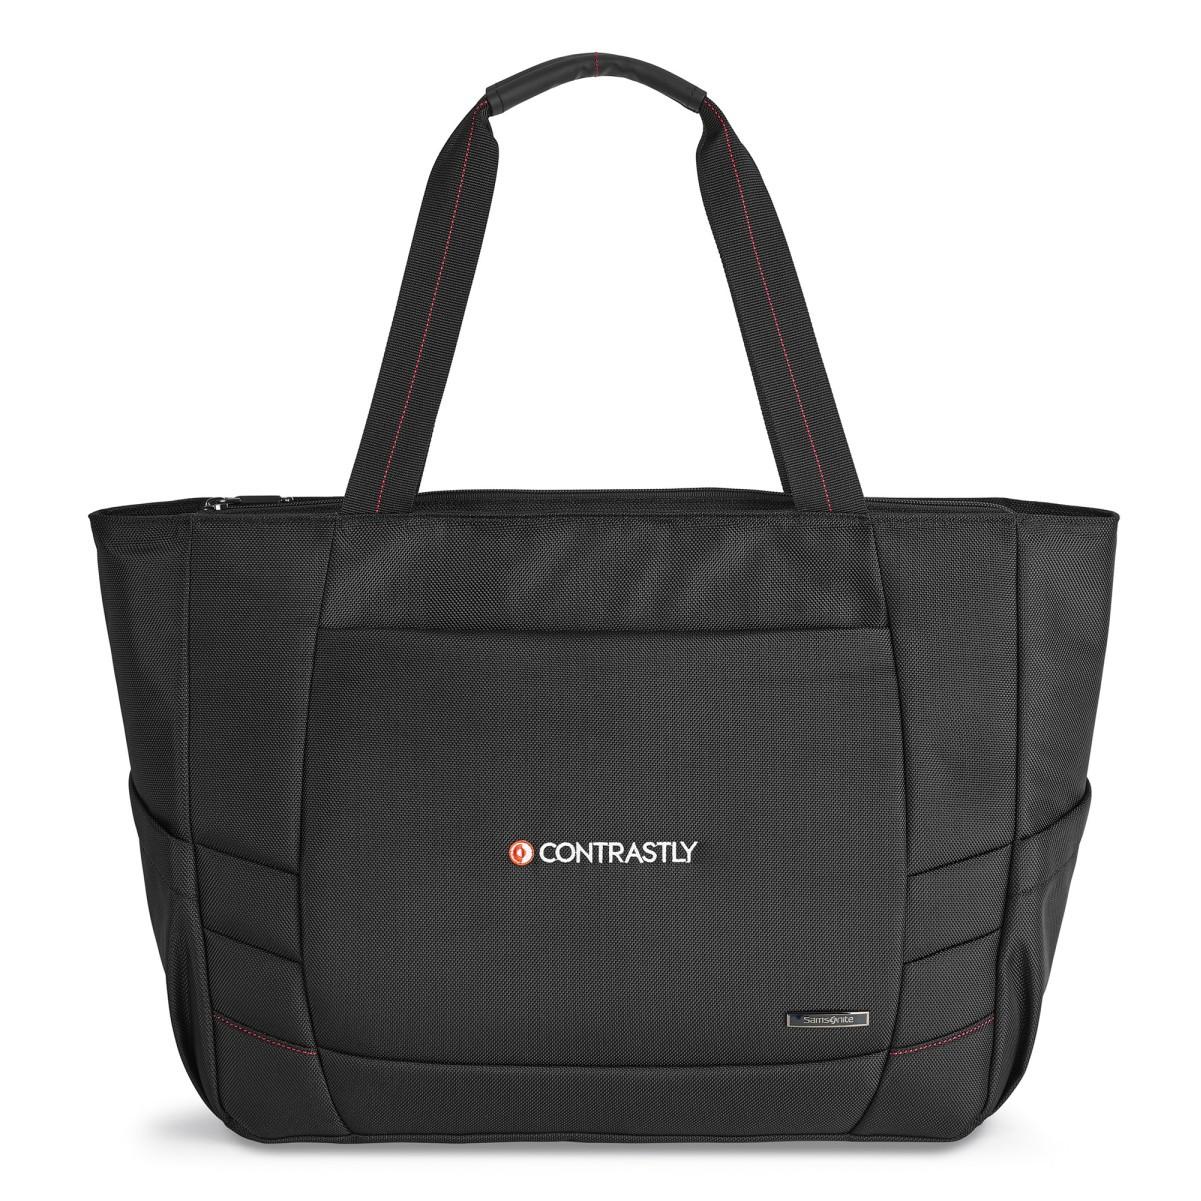 Samsonite Xenon™ 2 Travel Tote Black